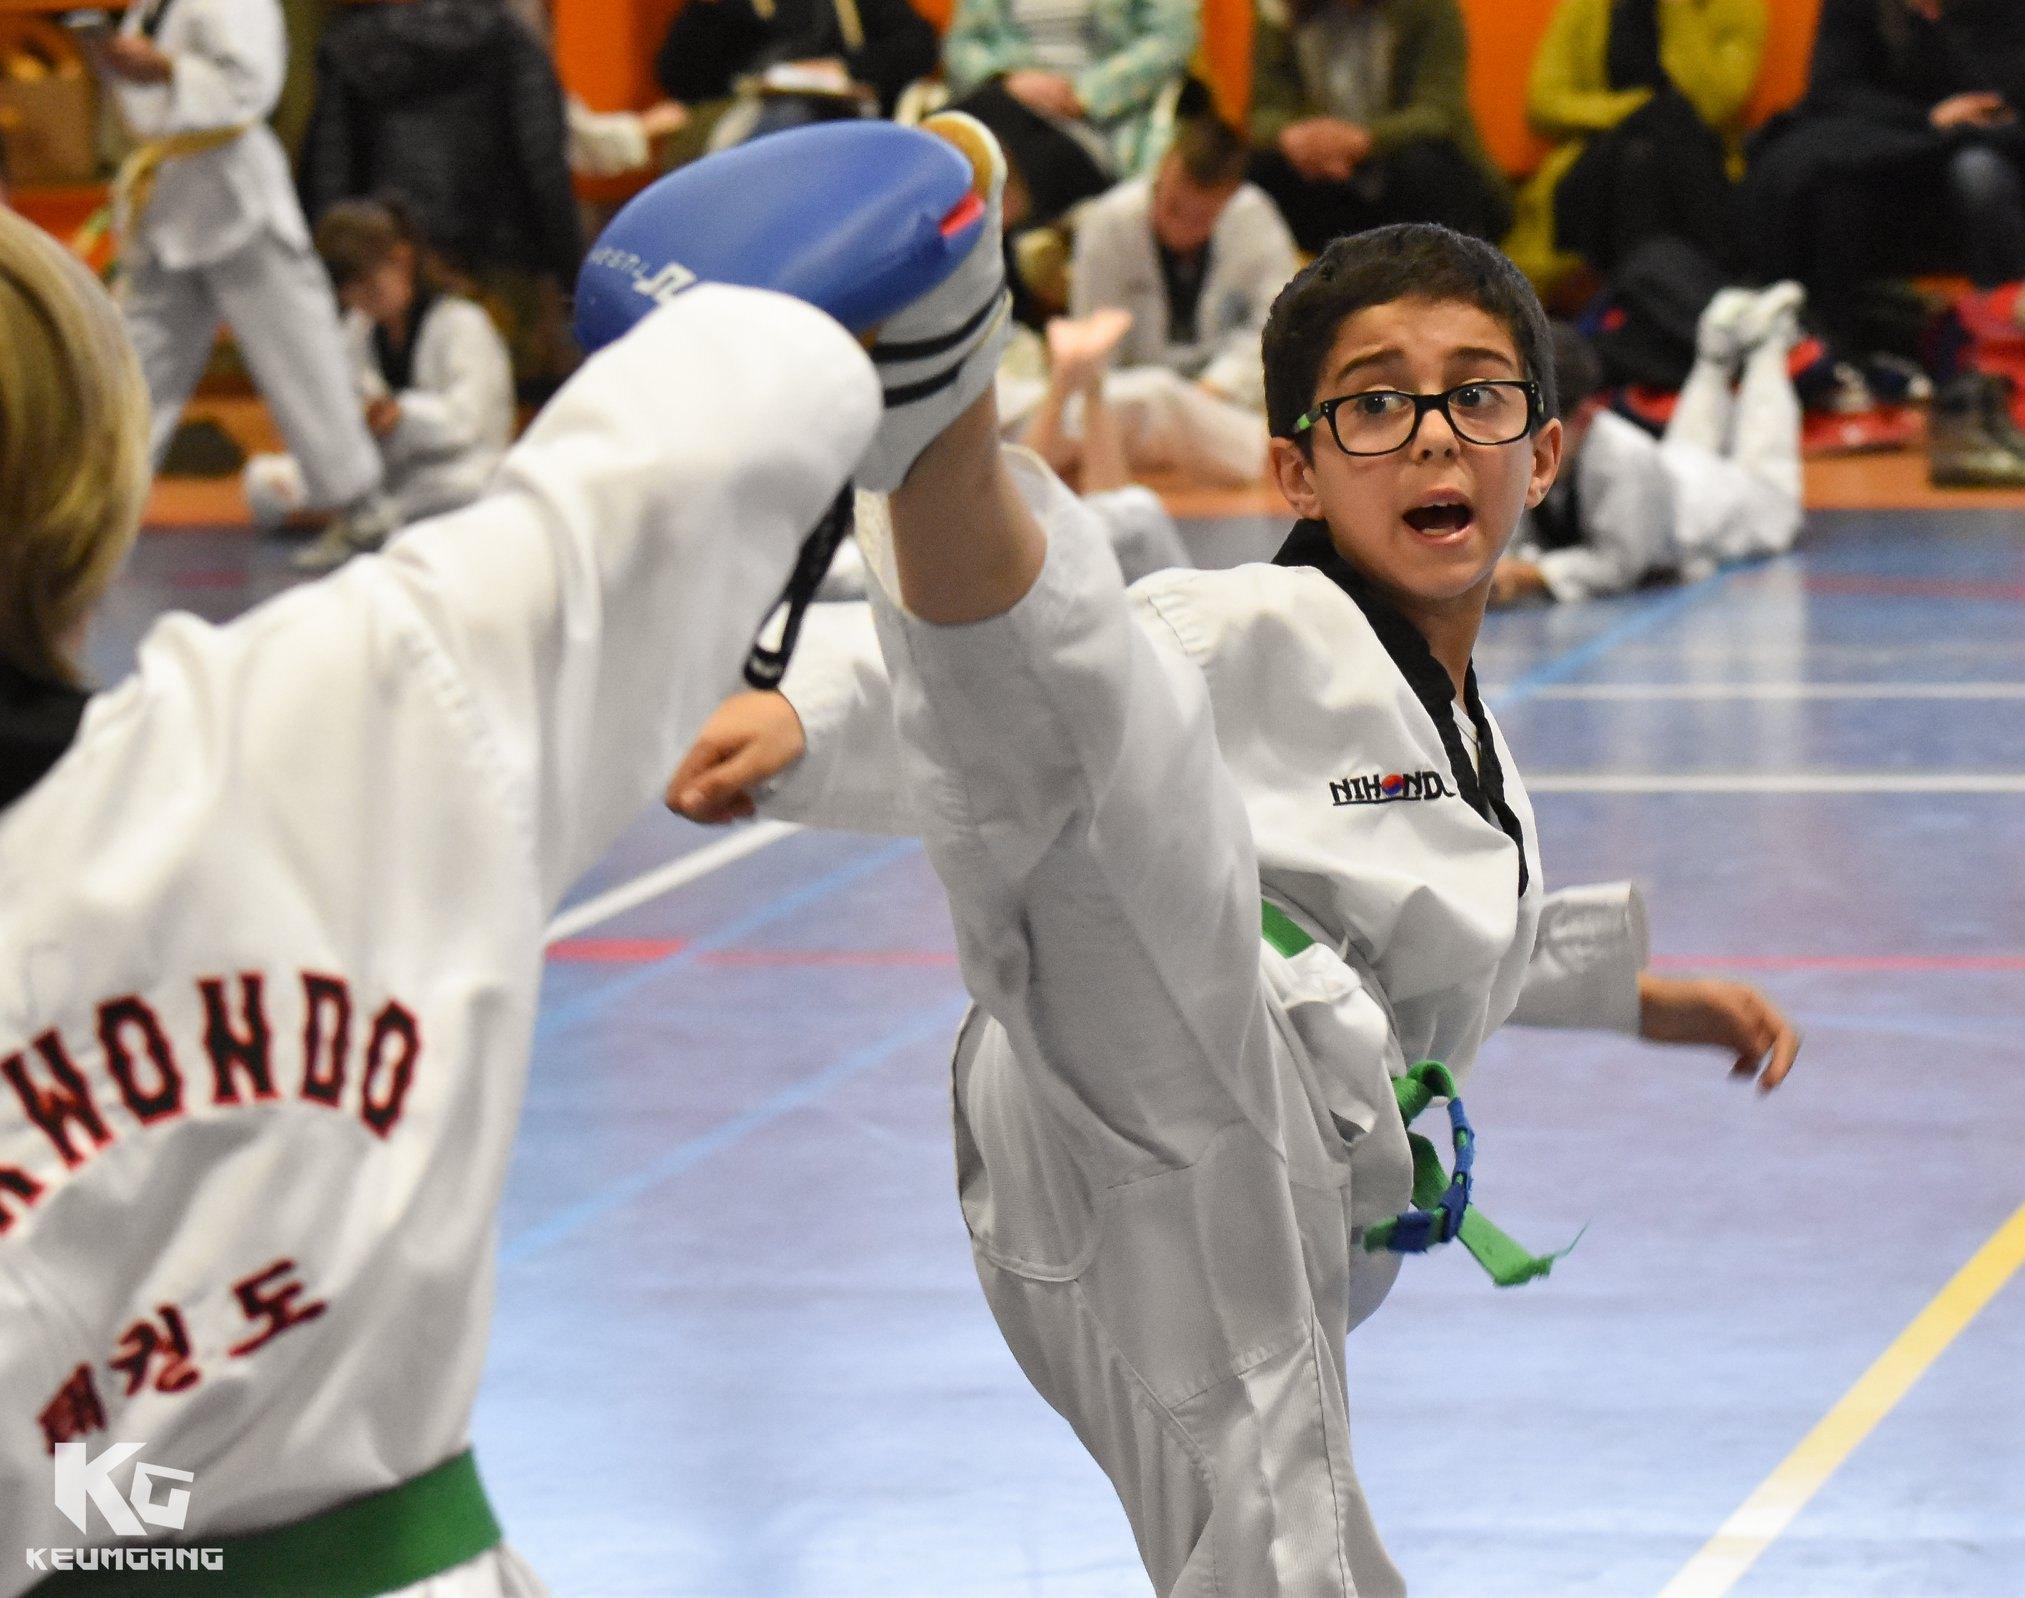 Vechtsport,goed idee_1.jpg